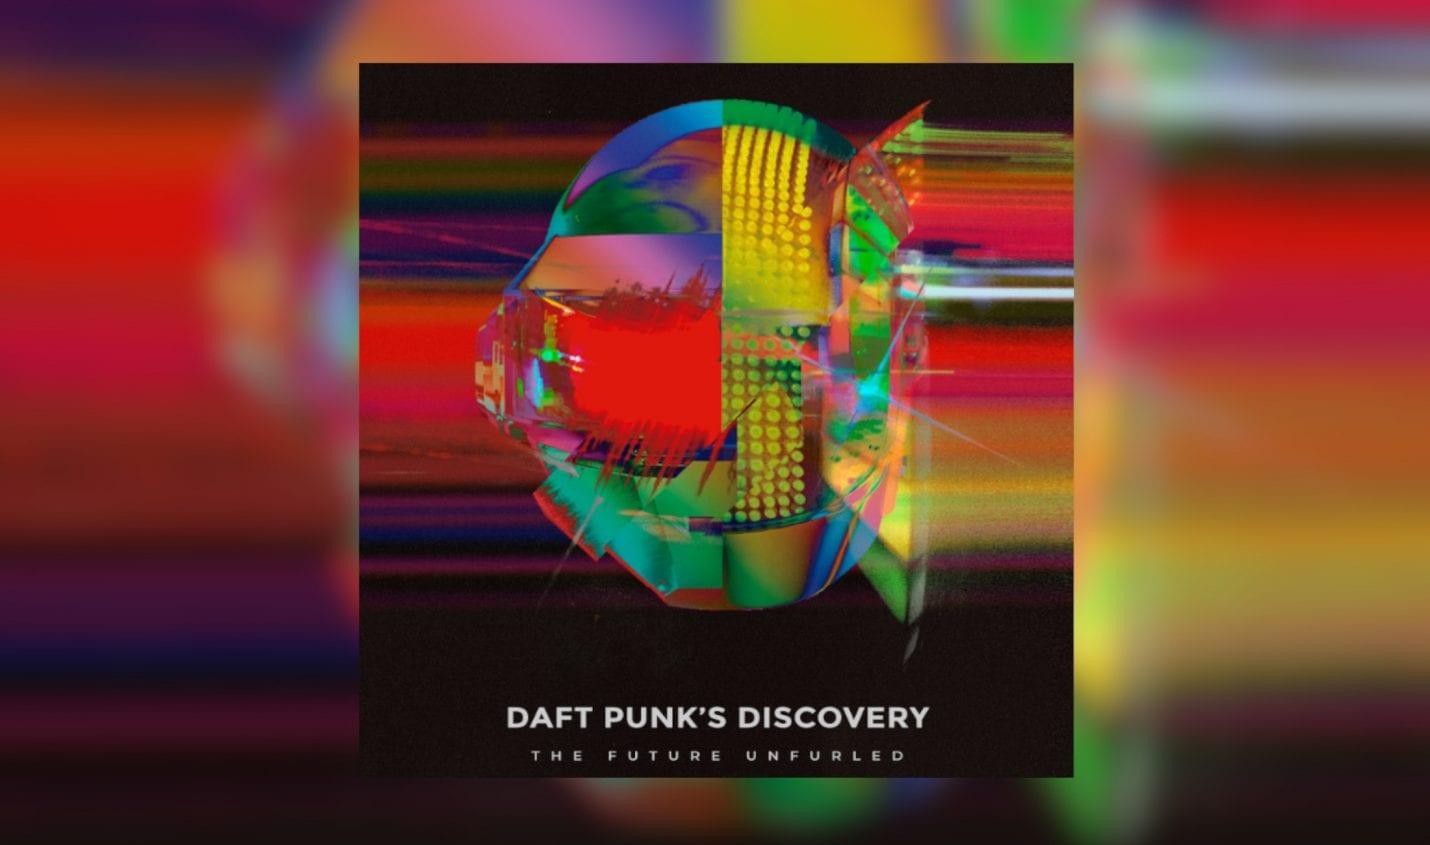 Daft Punk: Neues Buch 'Discovery' über den Einfluss des Albums